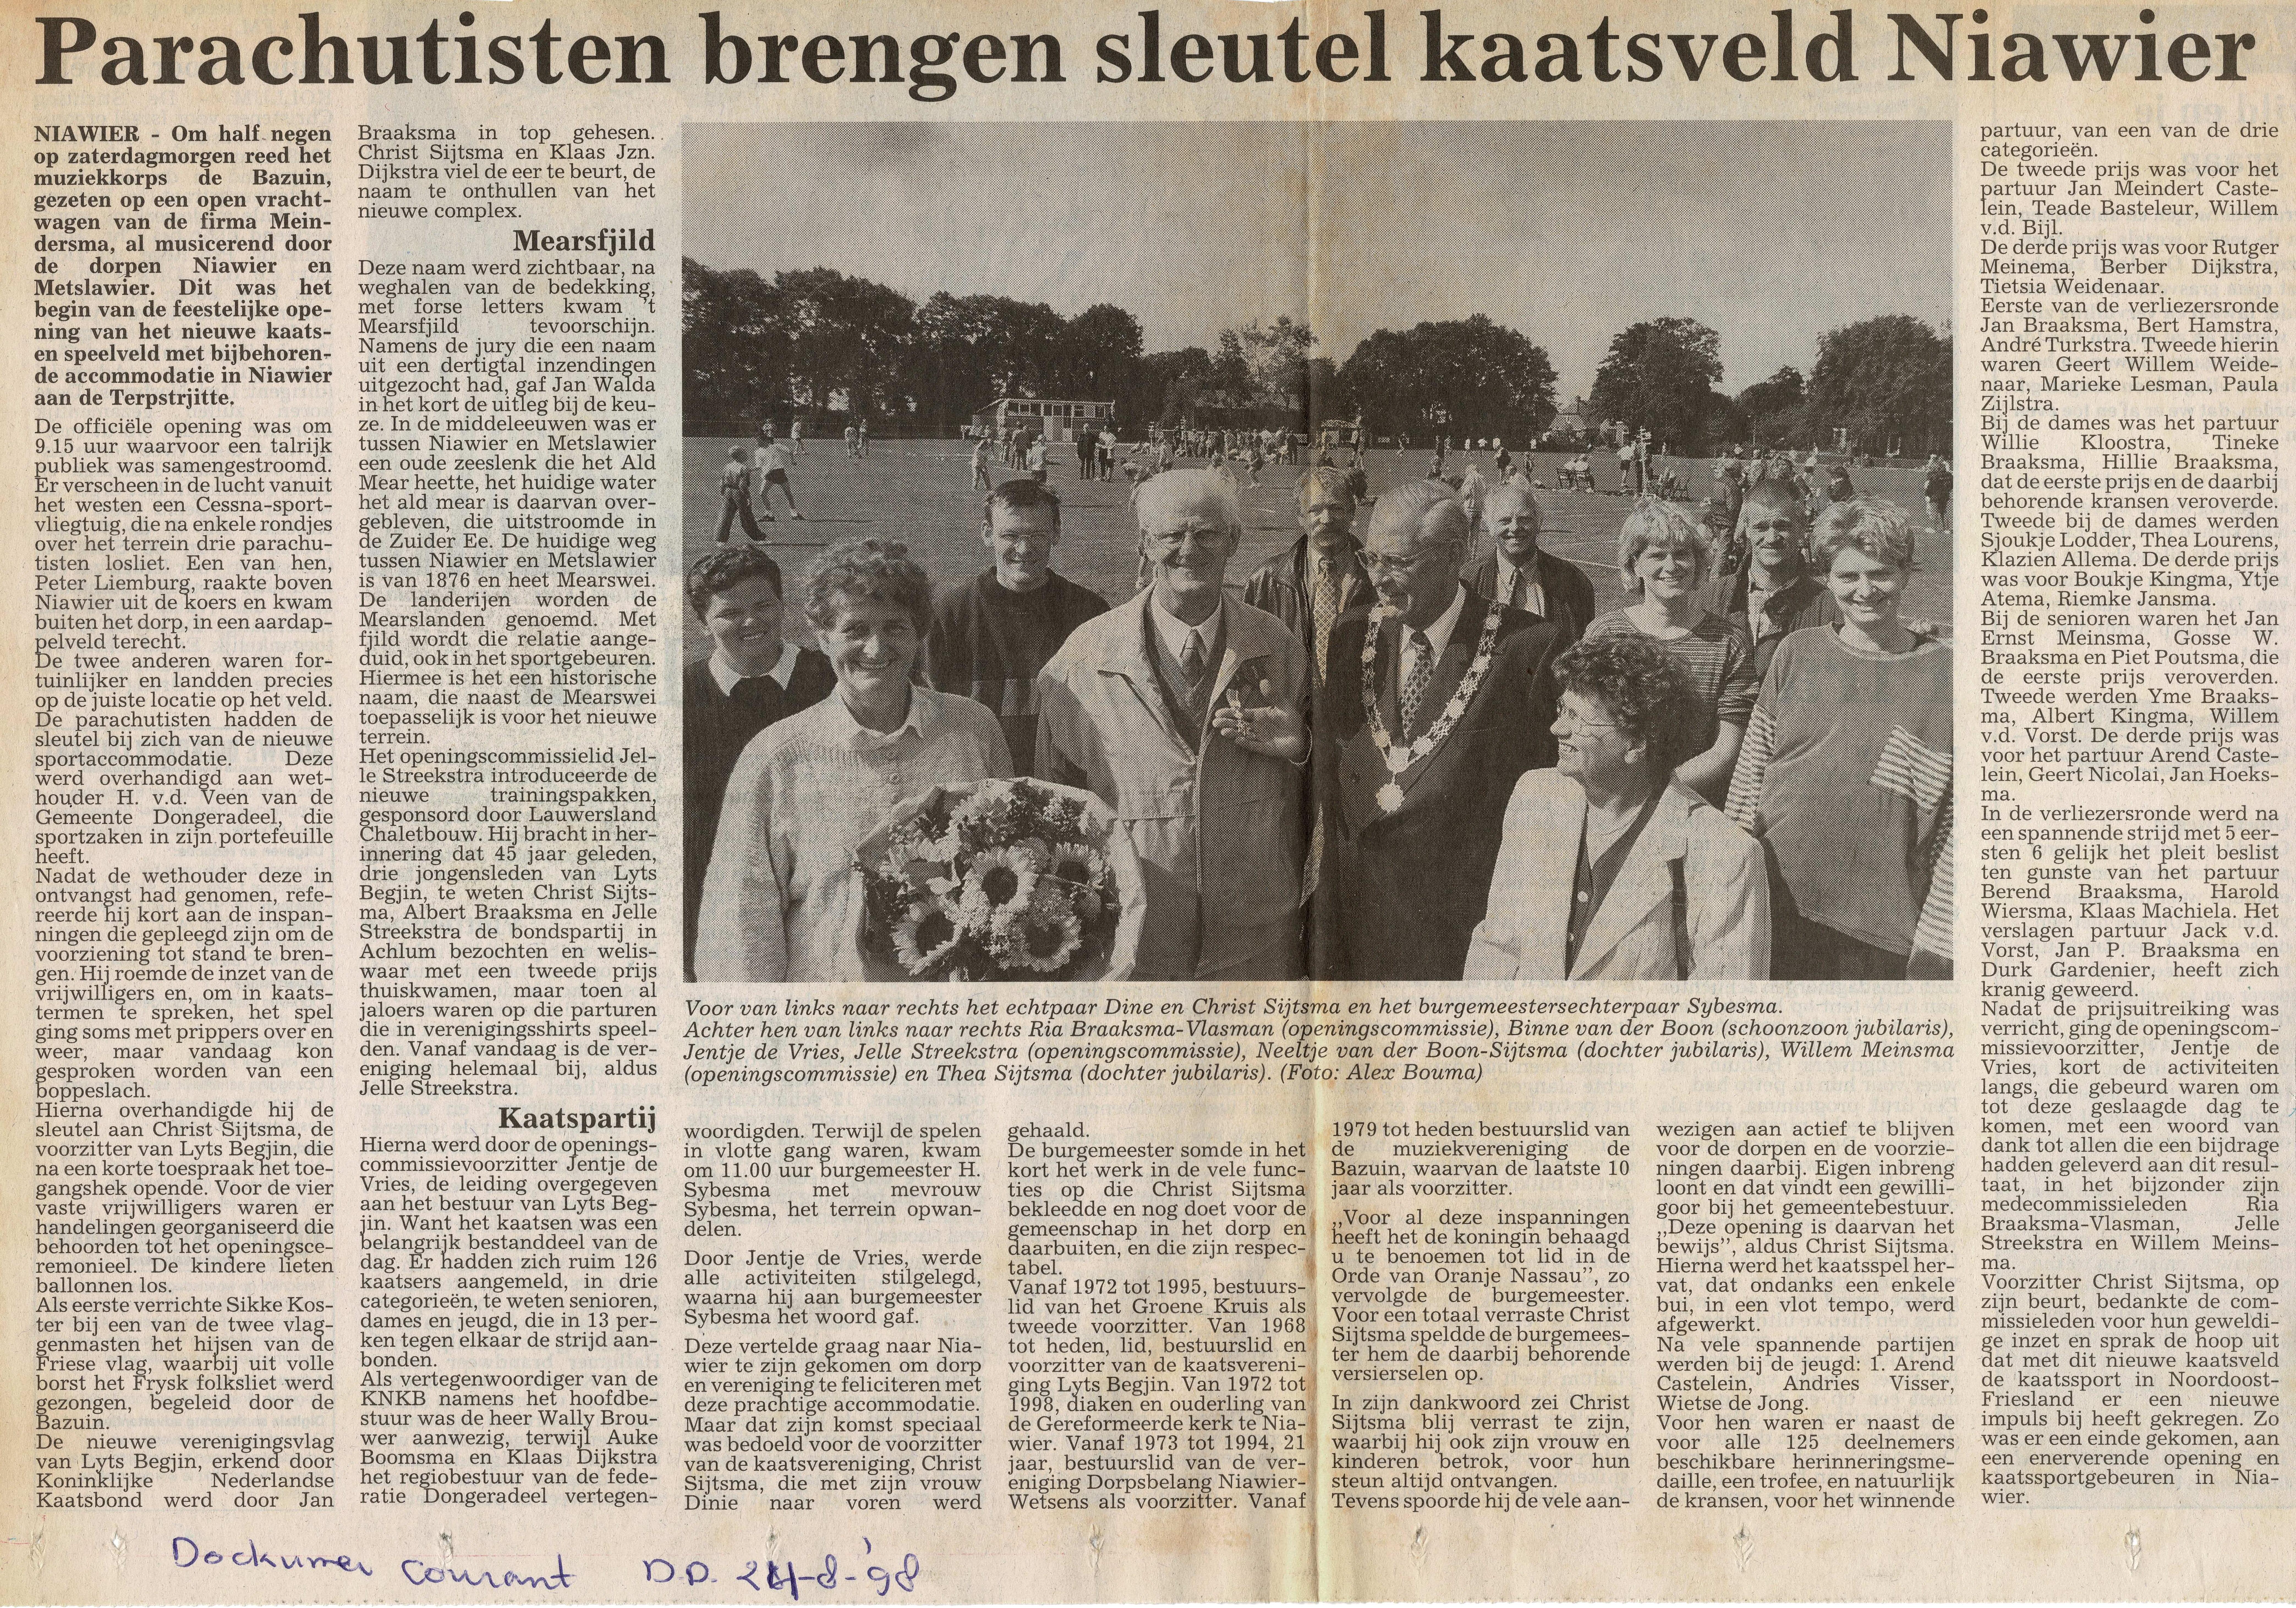 1998-08-24 Dockumer Courant Kaatsveld